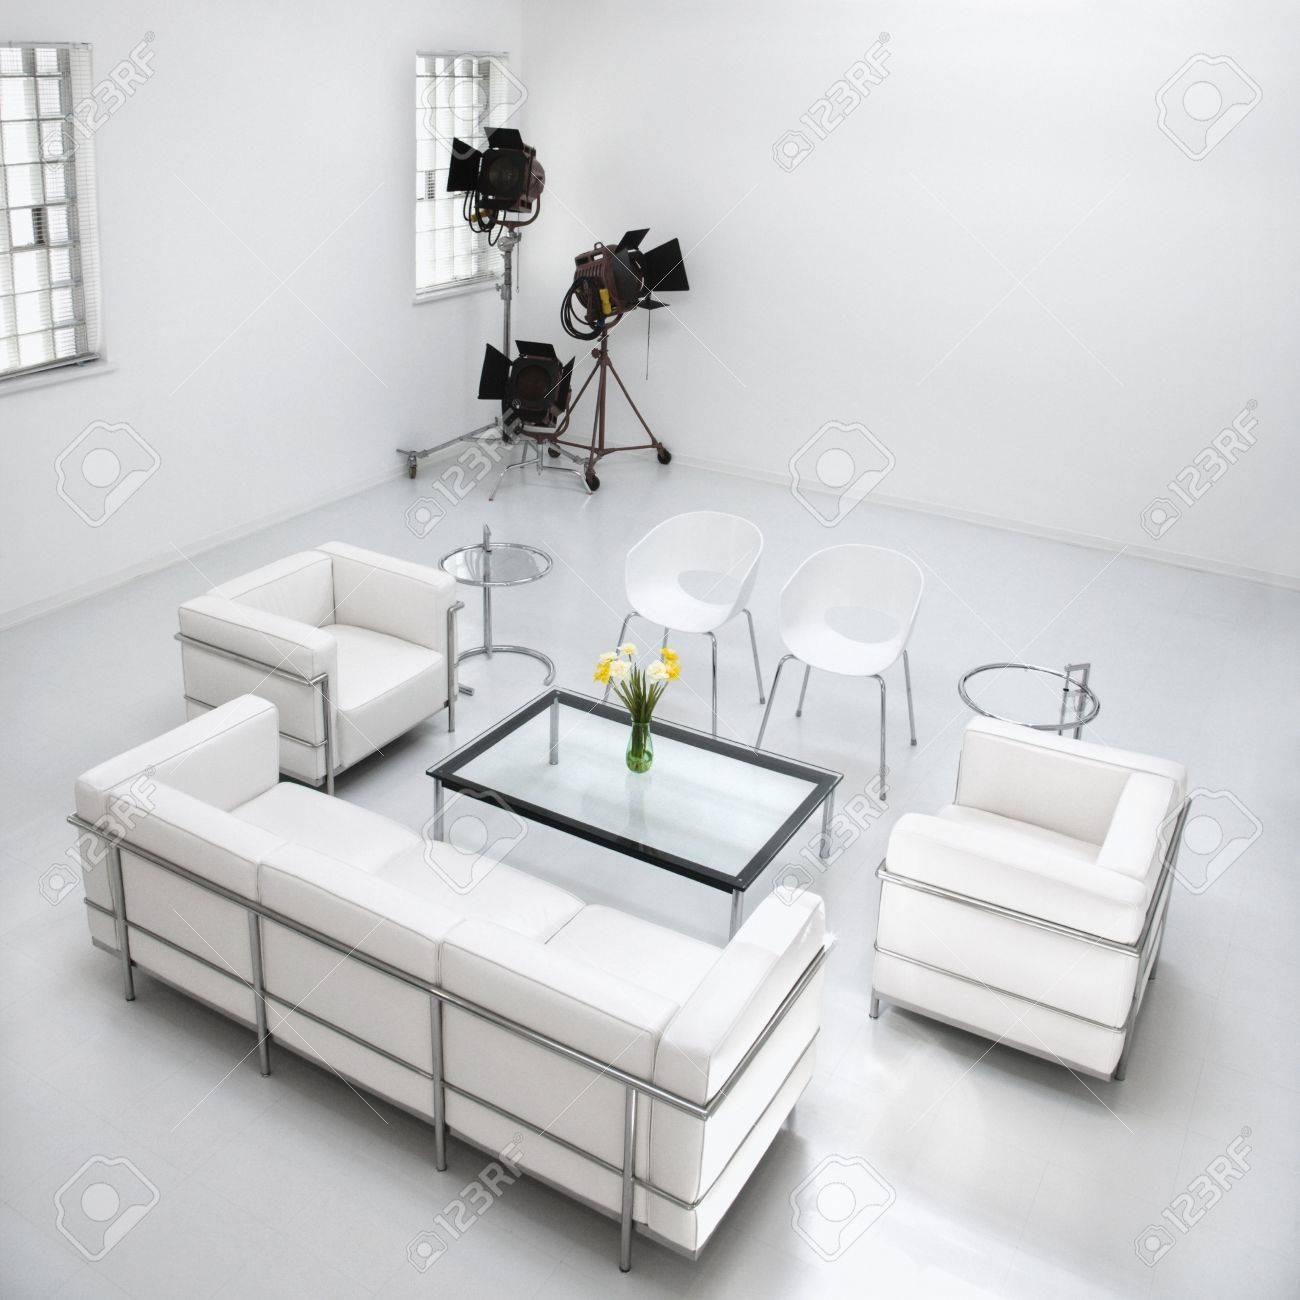 Wit Woonkamer Meubels In Een Witte Fotografie Studio Met Commerciële ...